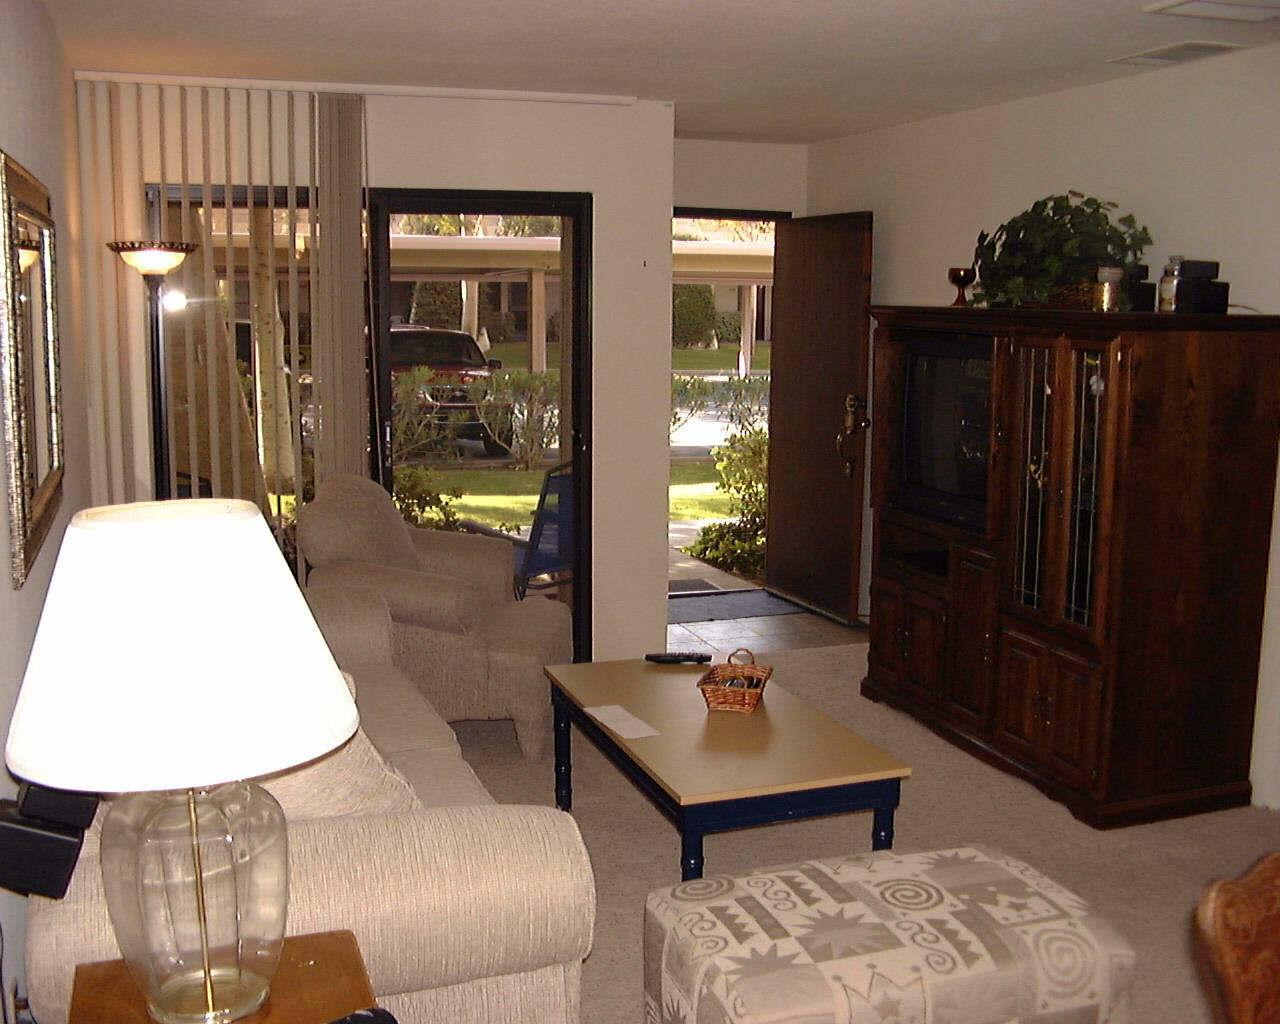 Condo 6 Palm Springs Condo Rental Fully Furnished 1 Bedroom Condos Executive Suites 60 90